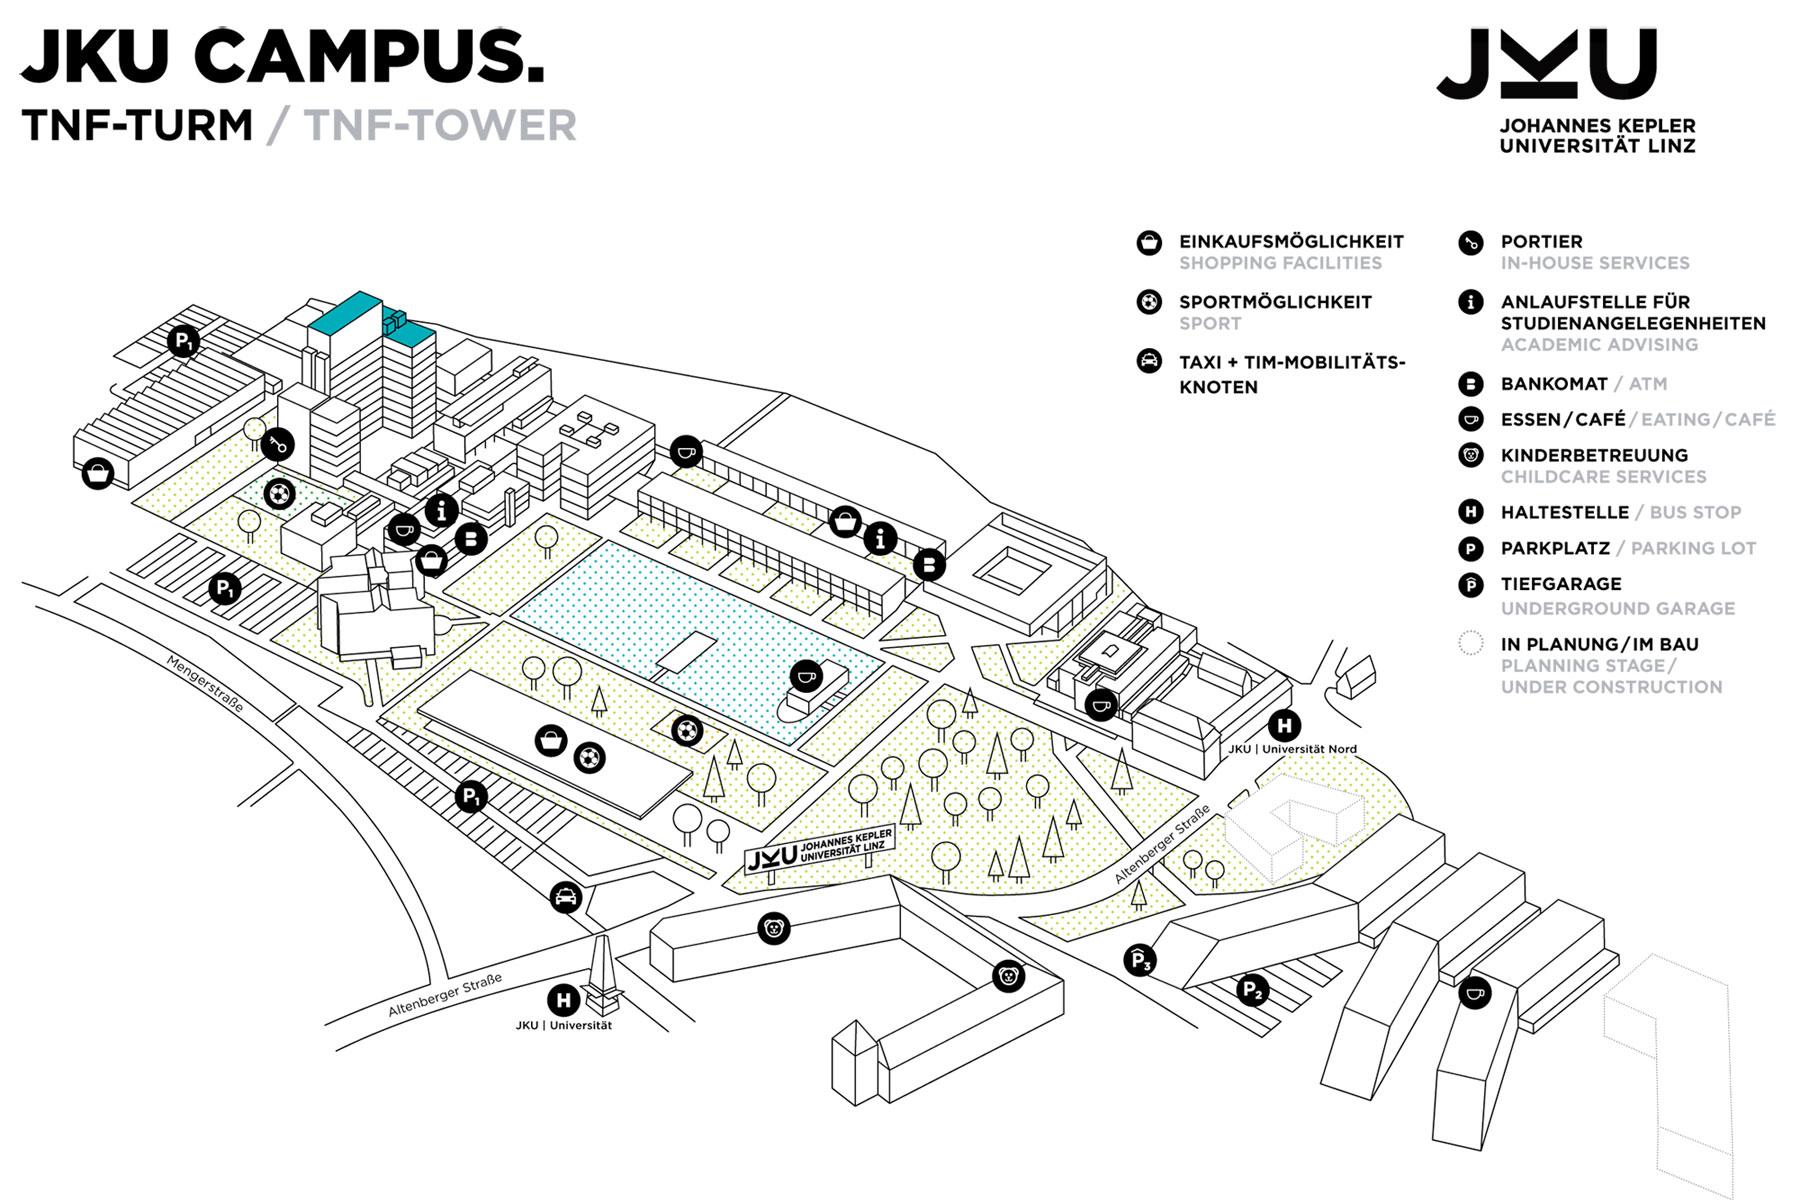 Lageplan JKU Open Lab im Erdgeschoss TNF-Turm